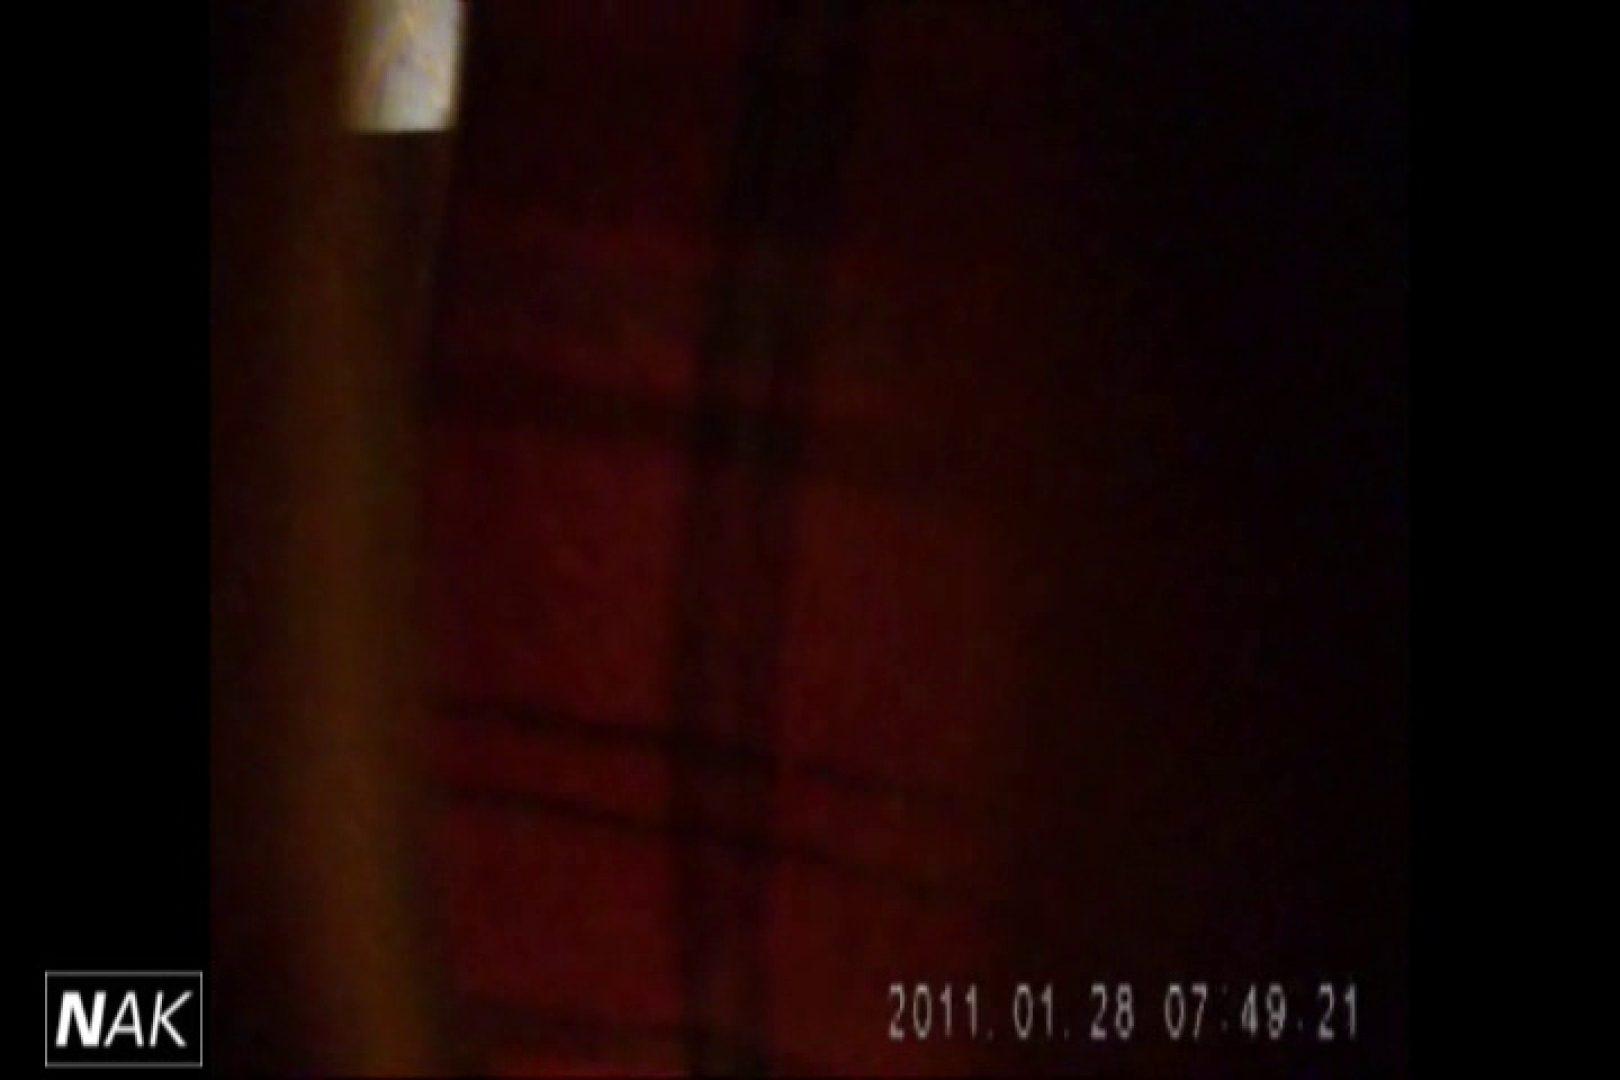 せん八さんの厠観察日記!2点監視カメラ 高画質5000K vol.14 お姉さん丸裸 AV無料動画キャプチャ 99pic 68